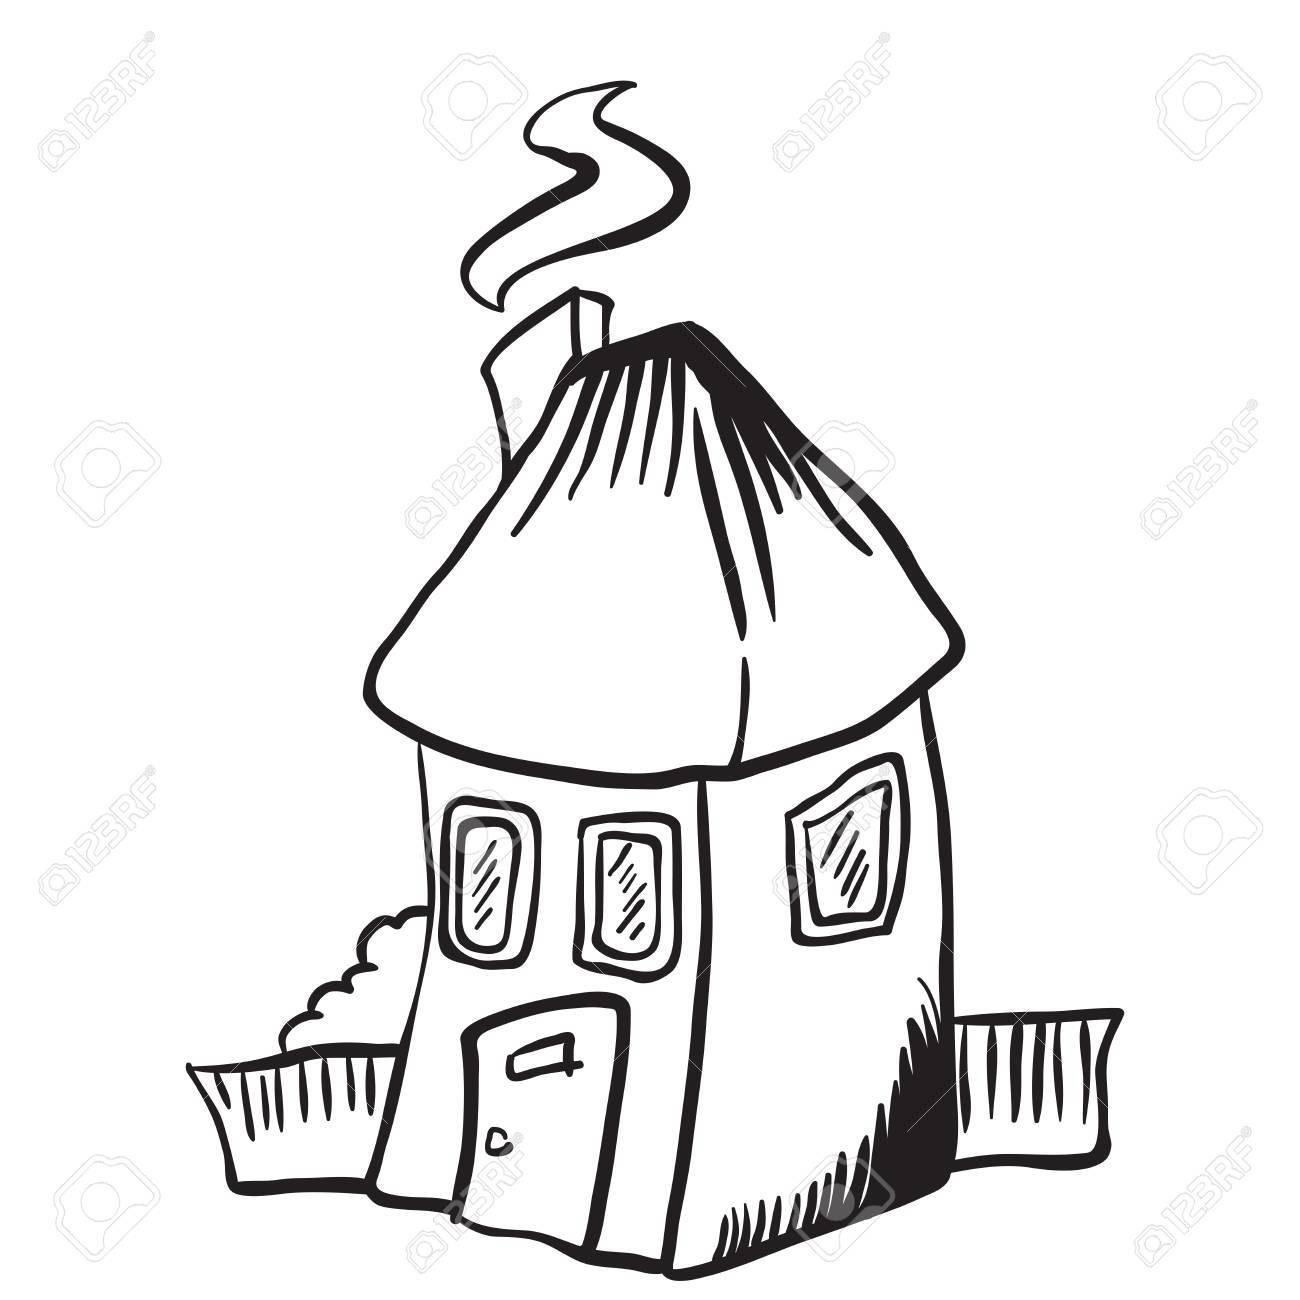 Dessin Anime Isole De Simple Petite Maison Noir Et Blanc Clip Art Libres De Droits Vecteurs Et Illustration Image 55349424